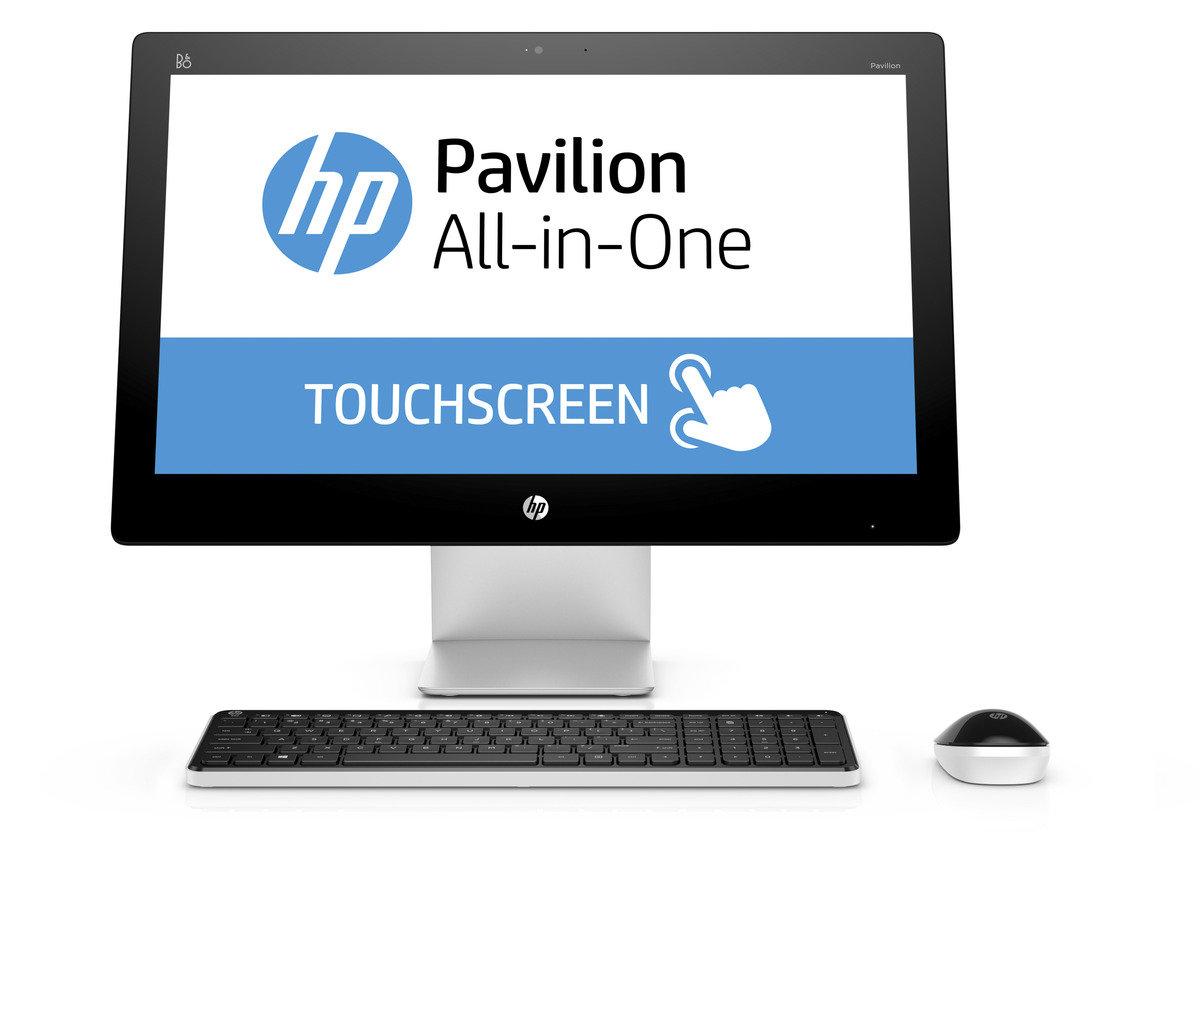 HP Pavilion 23-q065hk 一體式電腦+耳機+無線藍芽揚聲器套裝